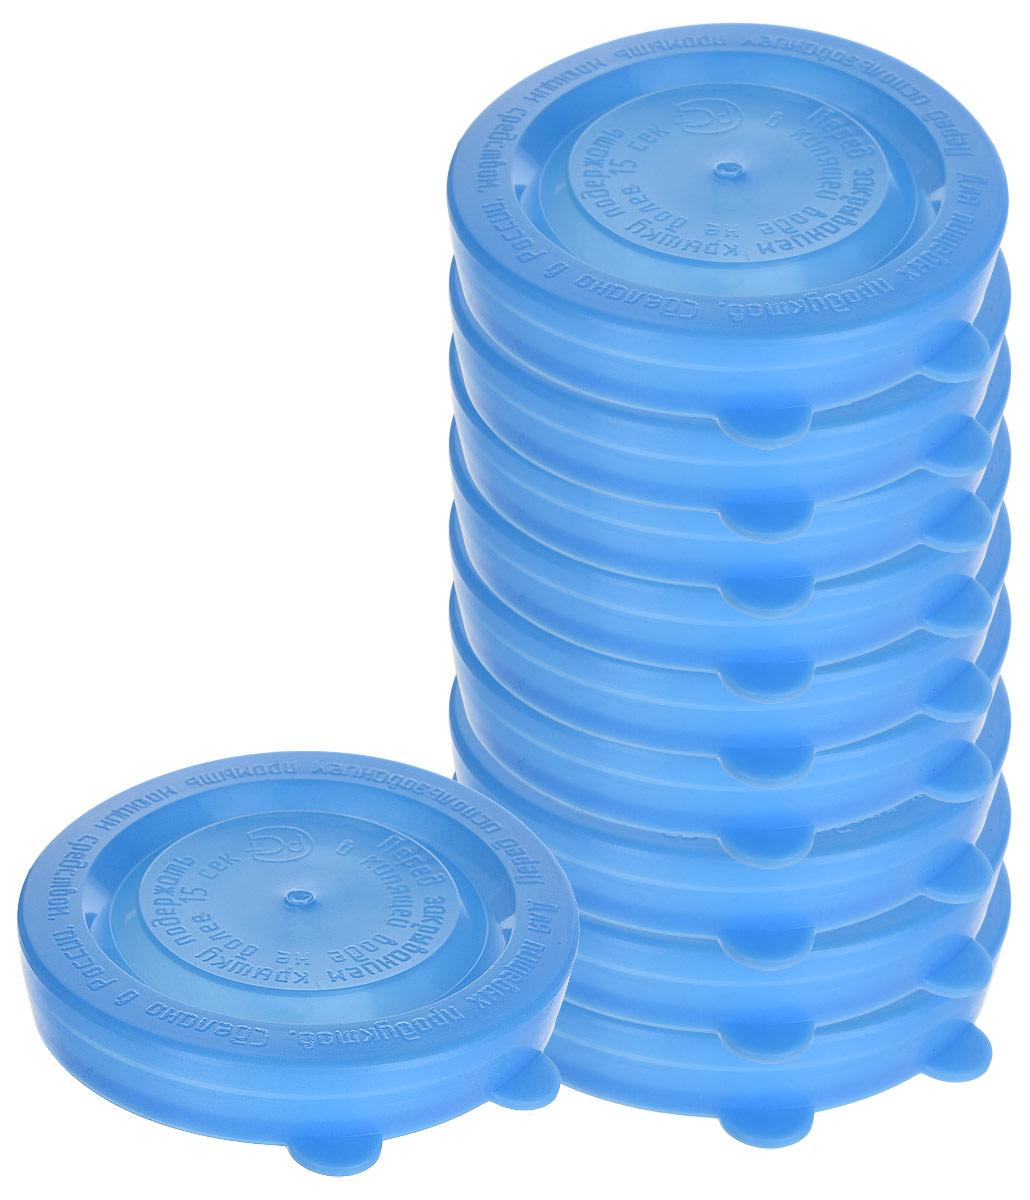 Крышка для банки Домашний Сундук, цвет: голубой, 10 штДС-80_голубойКрышка для банки Домашний Сундук, цвет: голубой, 10 шт